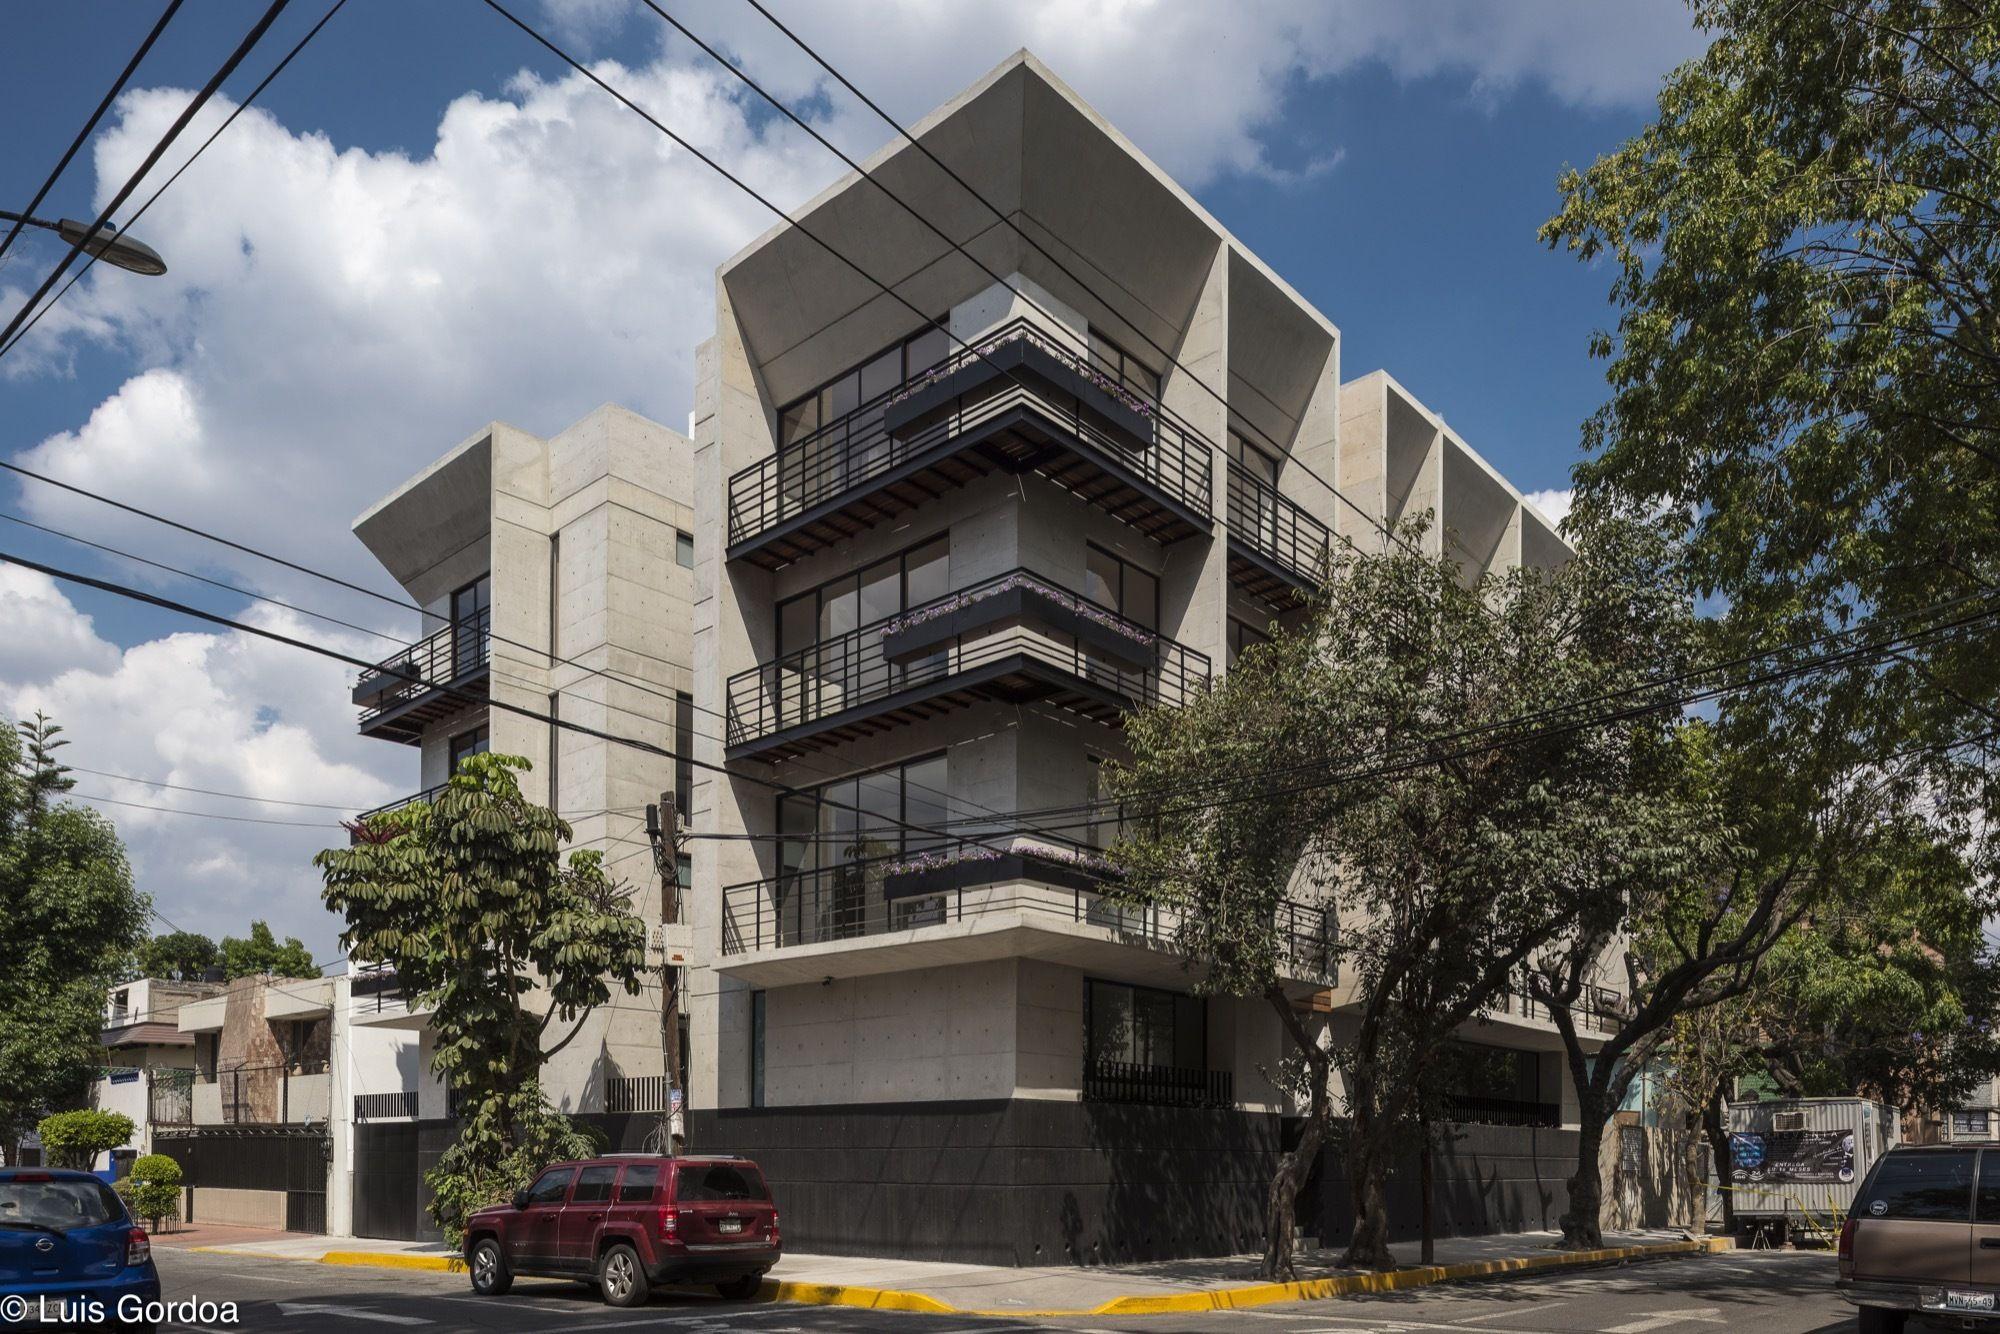 Imagem 6 de 25 da galeria de MC20 / VOX arquitectura. Fotografia de Luis Gordoa